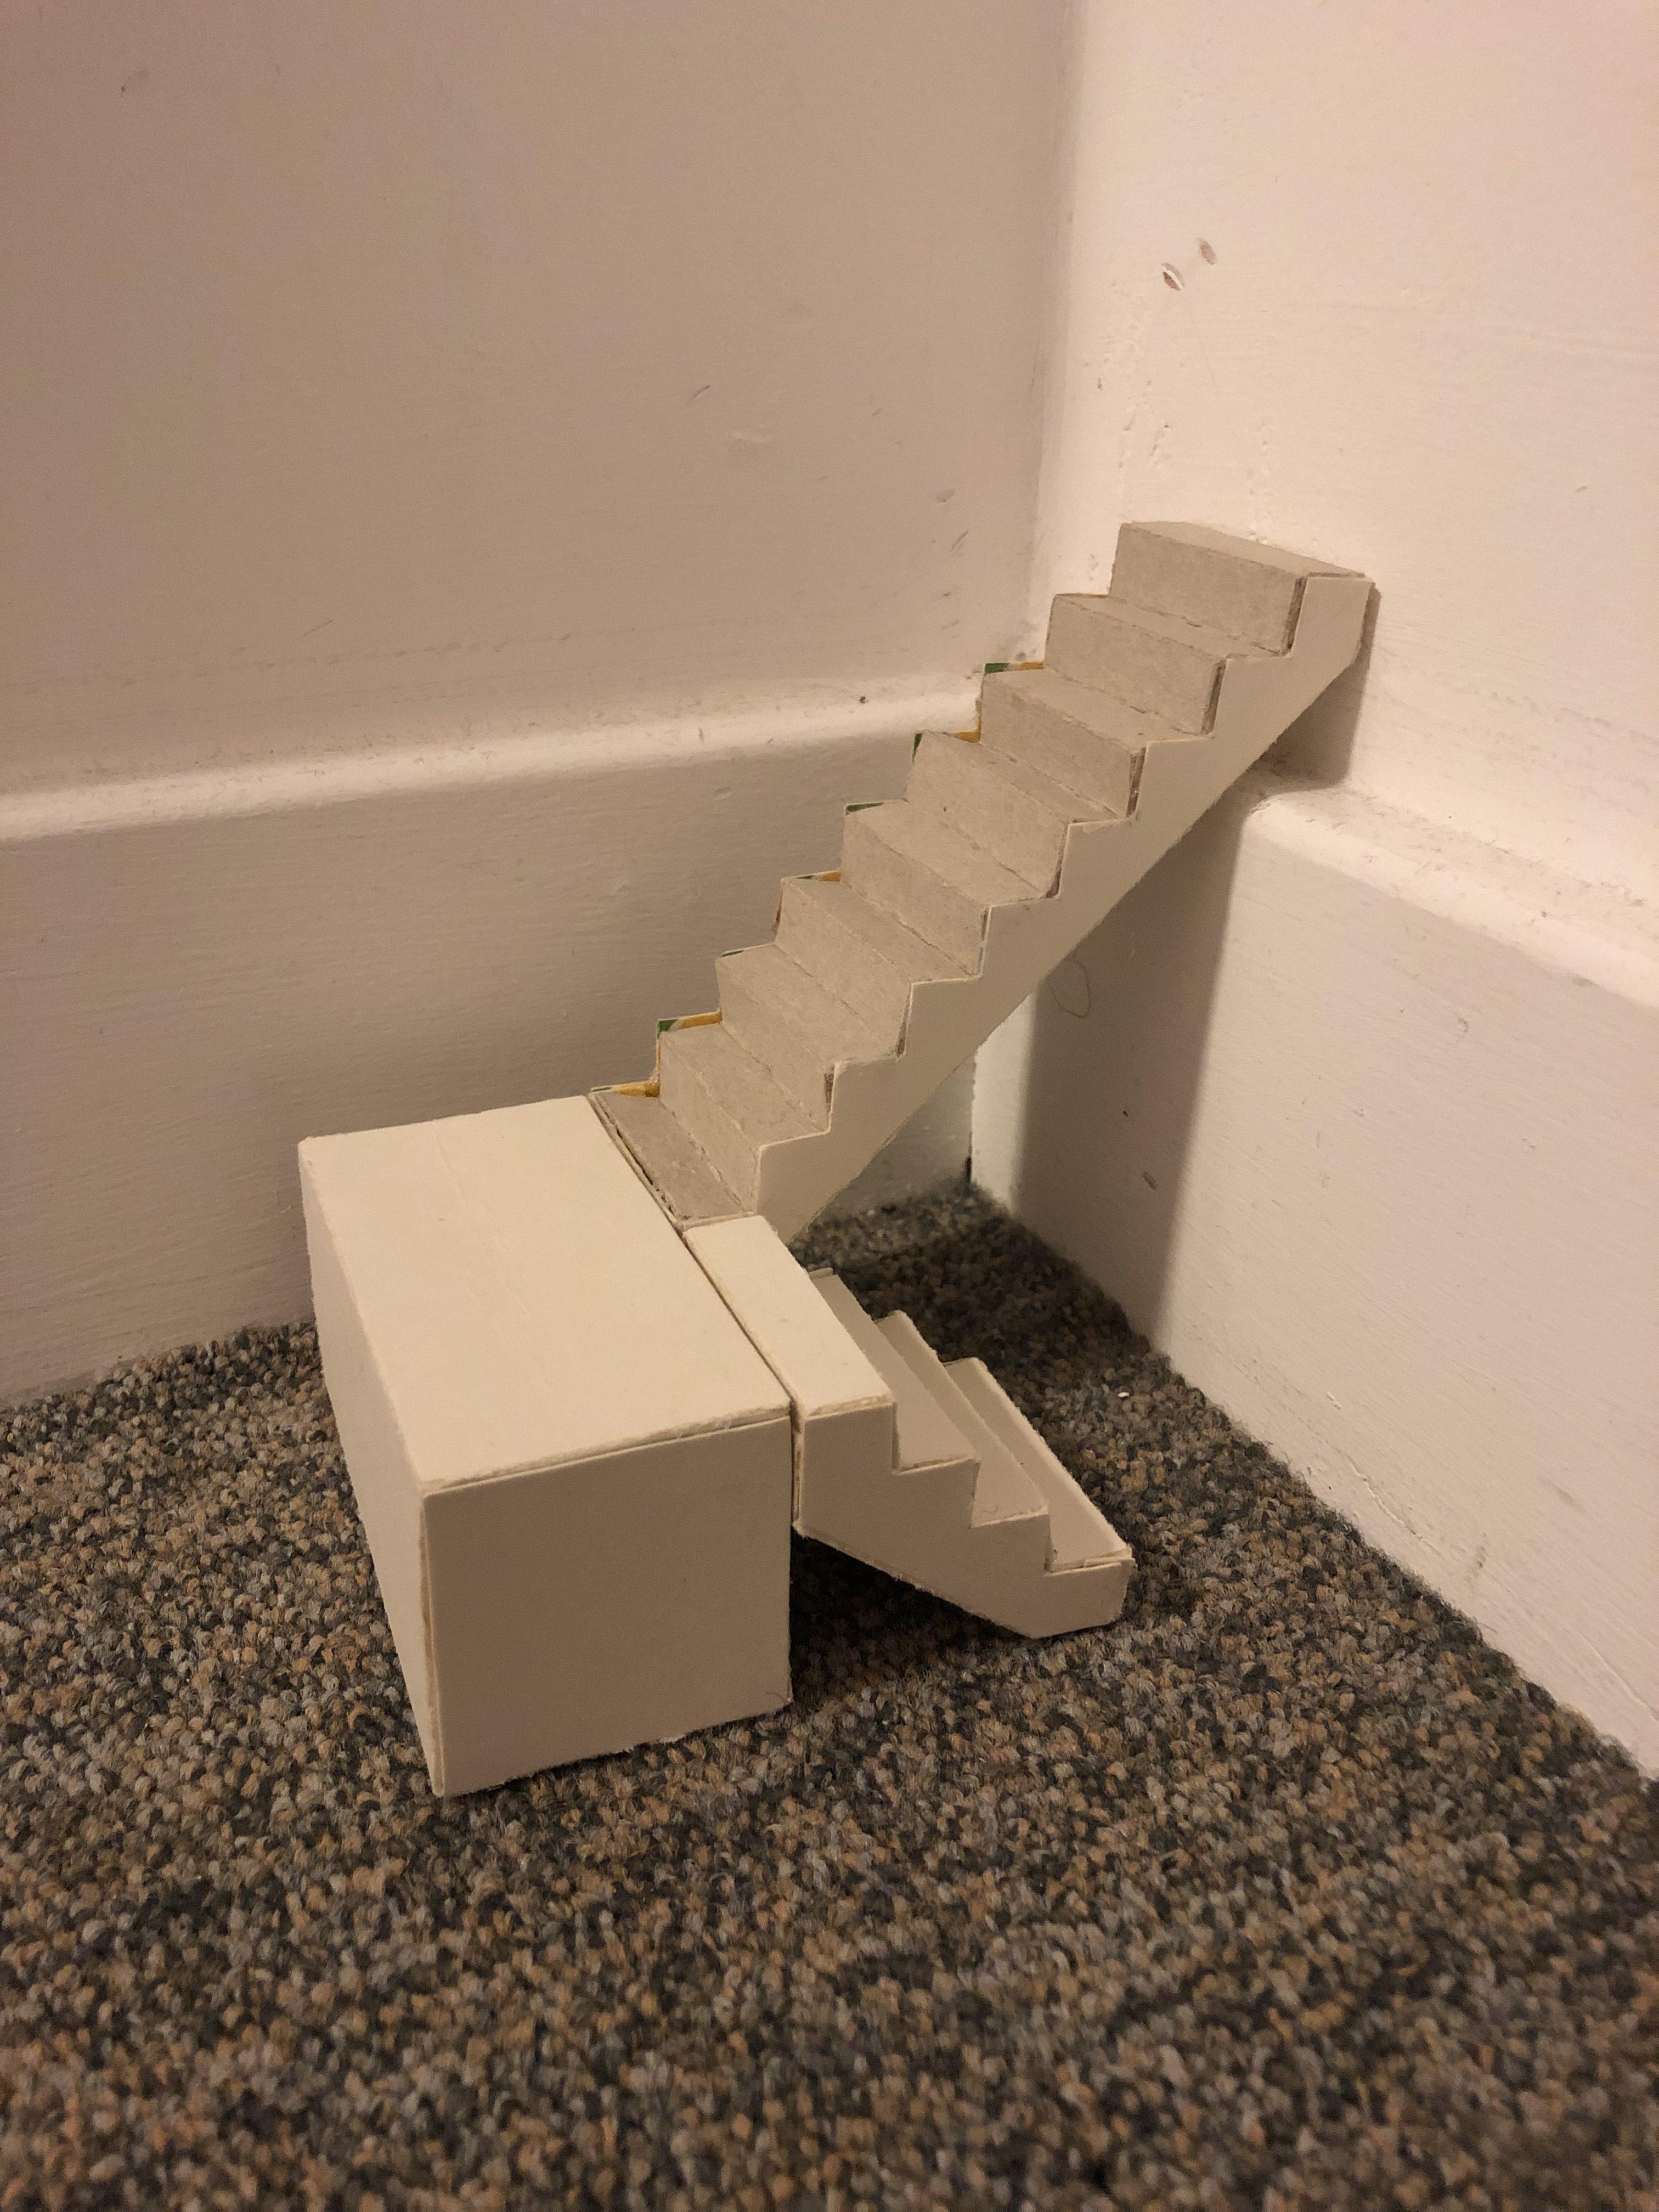 Week 3: Making Cardboard Stairs